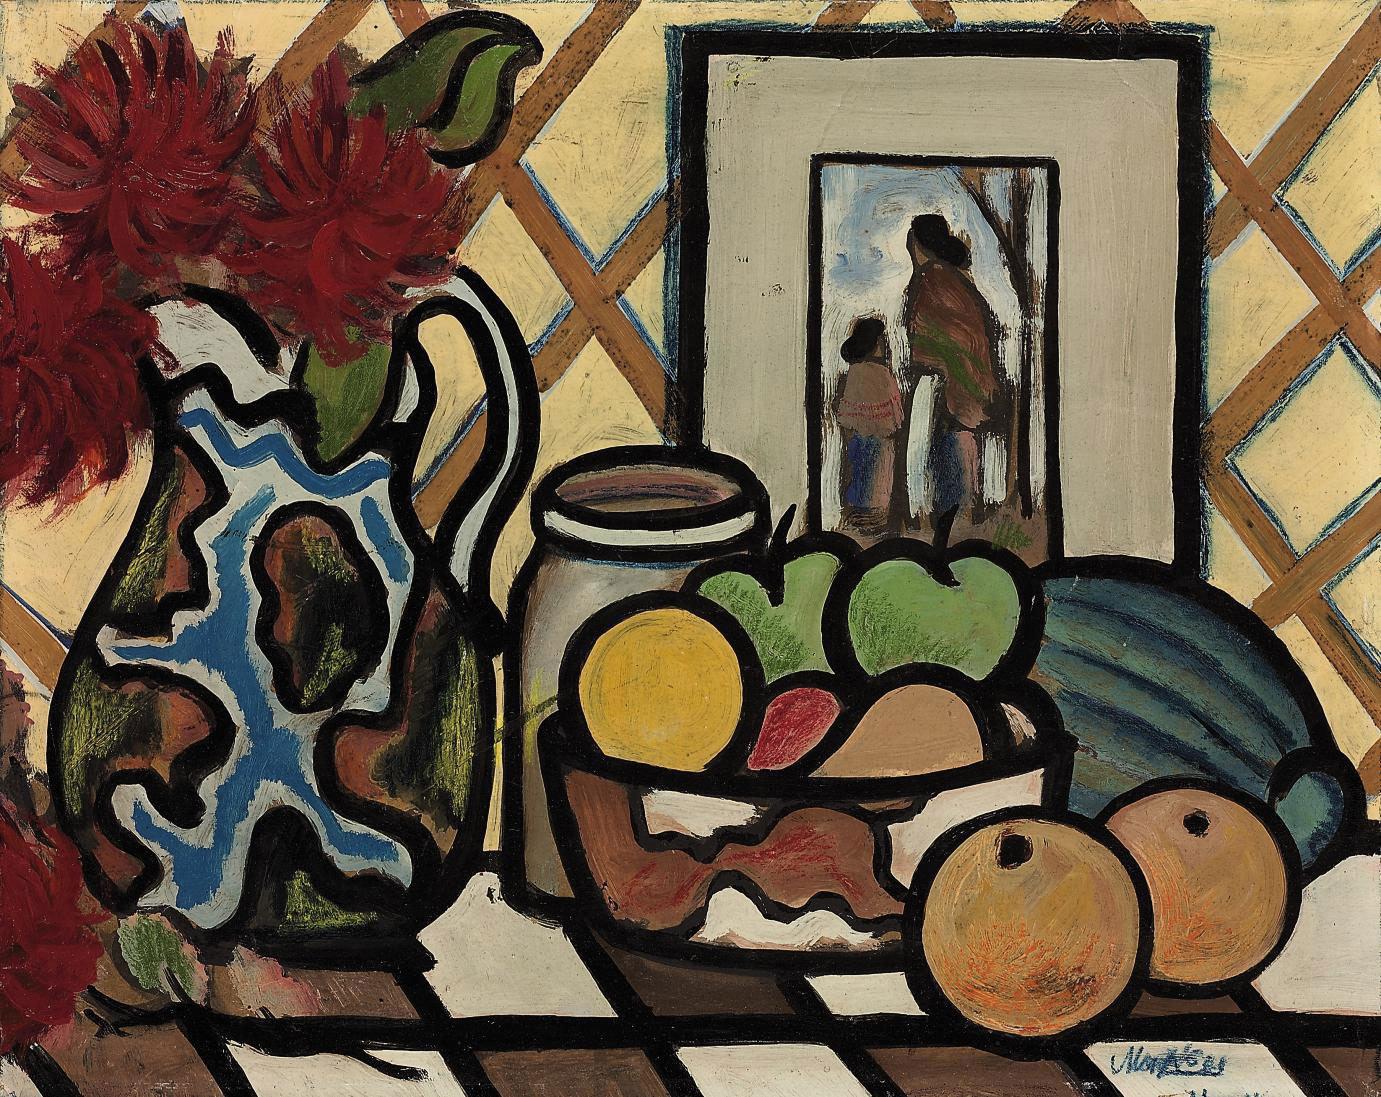 Markey Robinson (1917-1999)